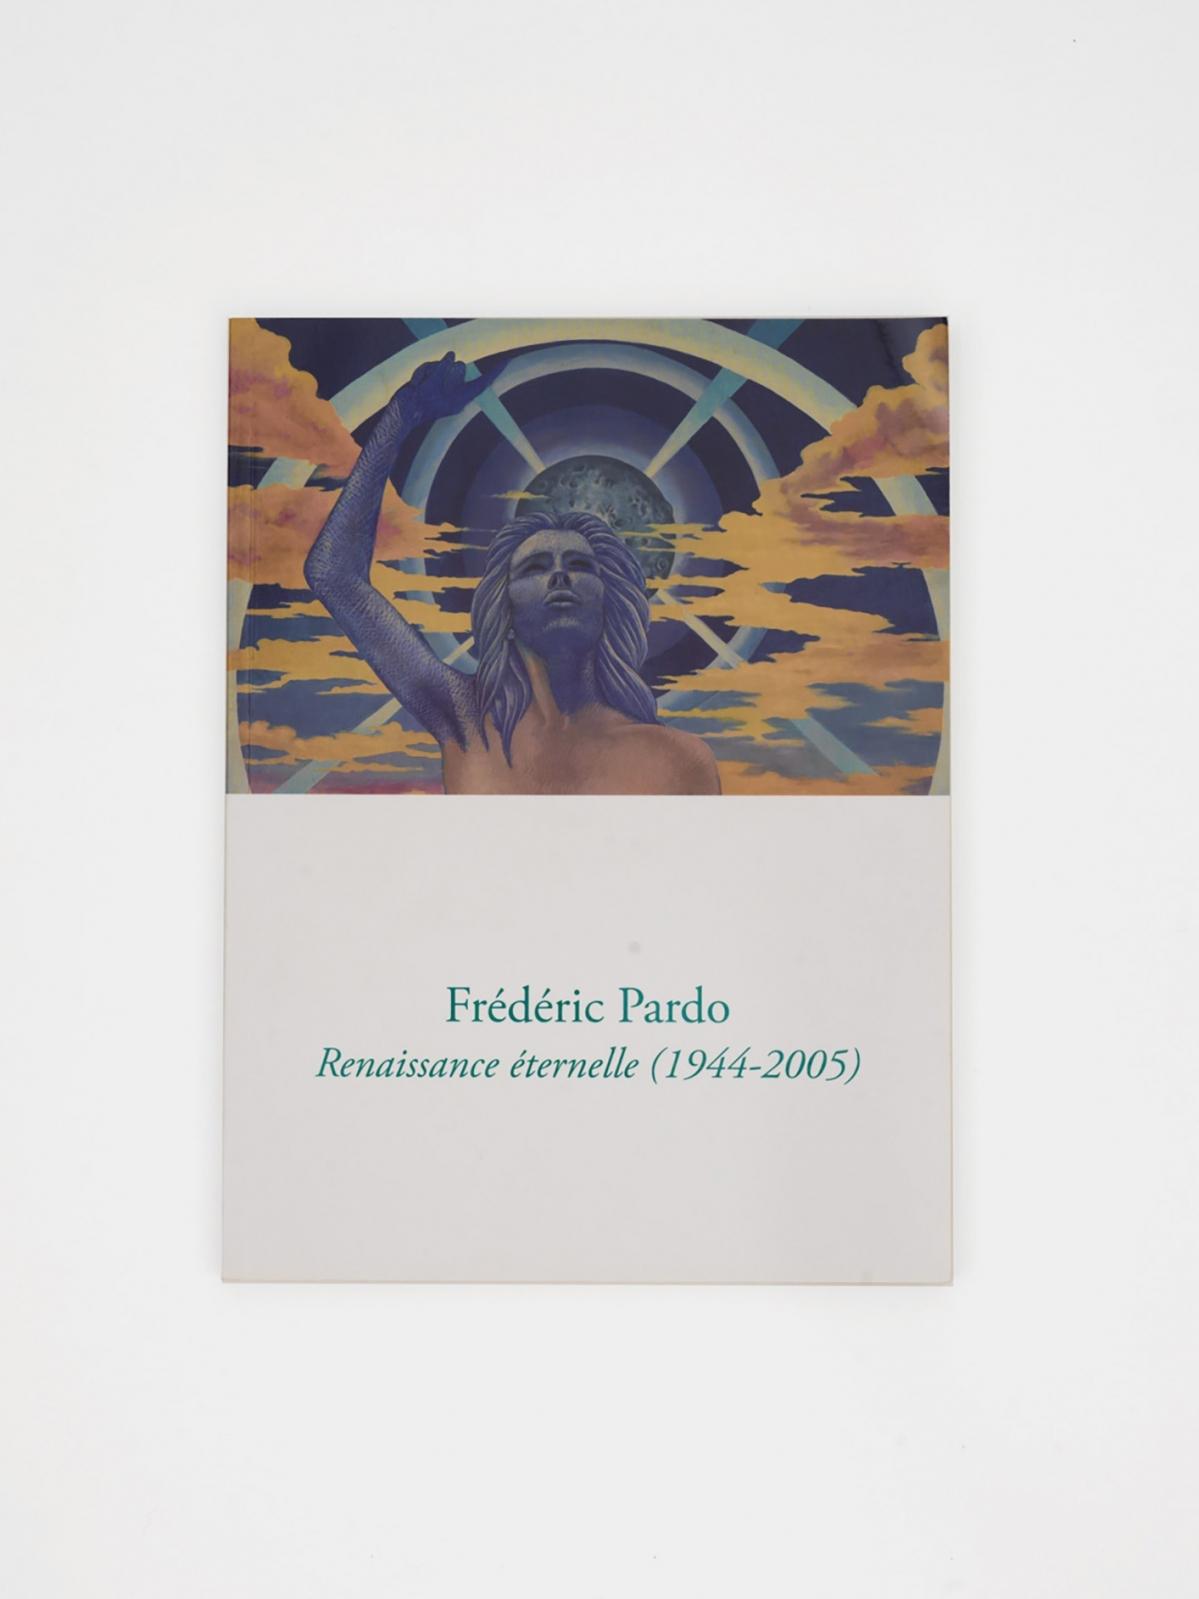 Frédéric Pardo, Renaissance éternelle (1944-2005)